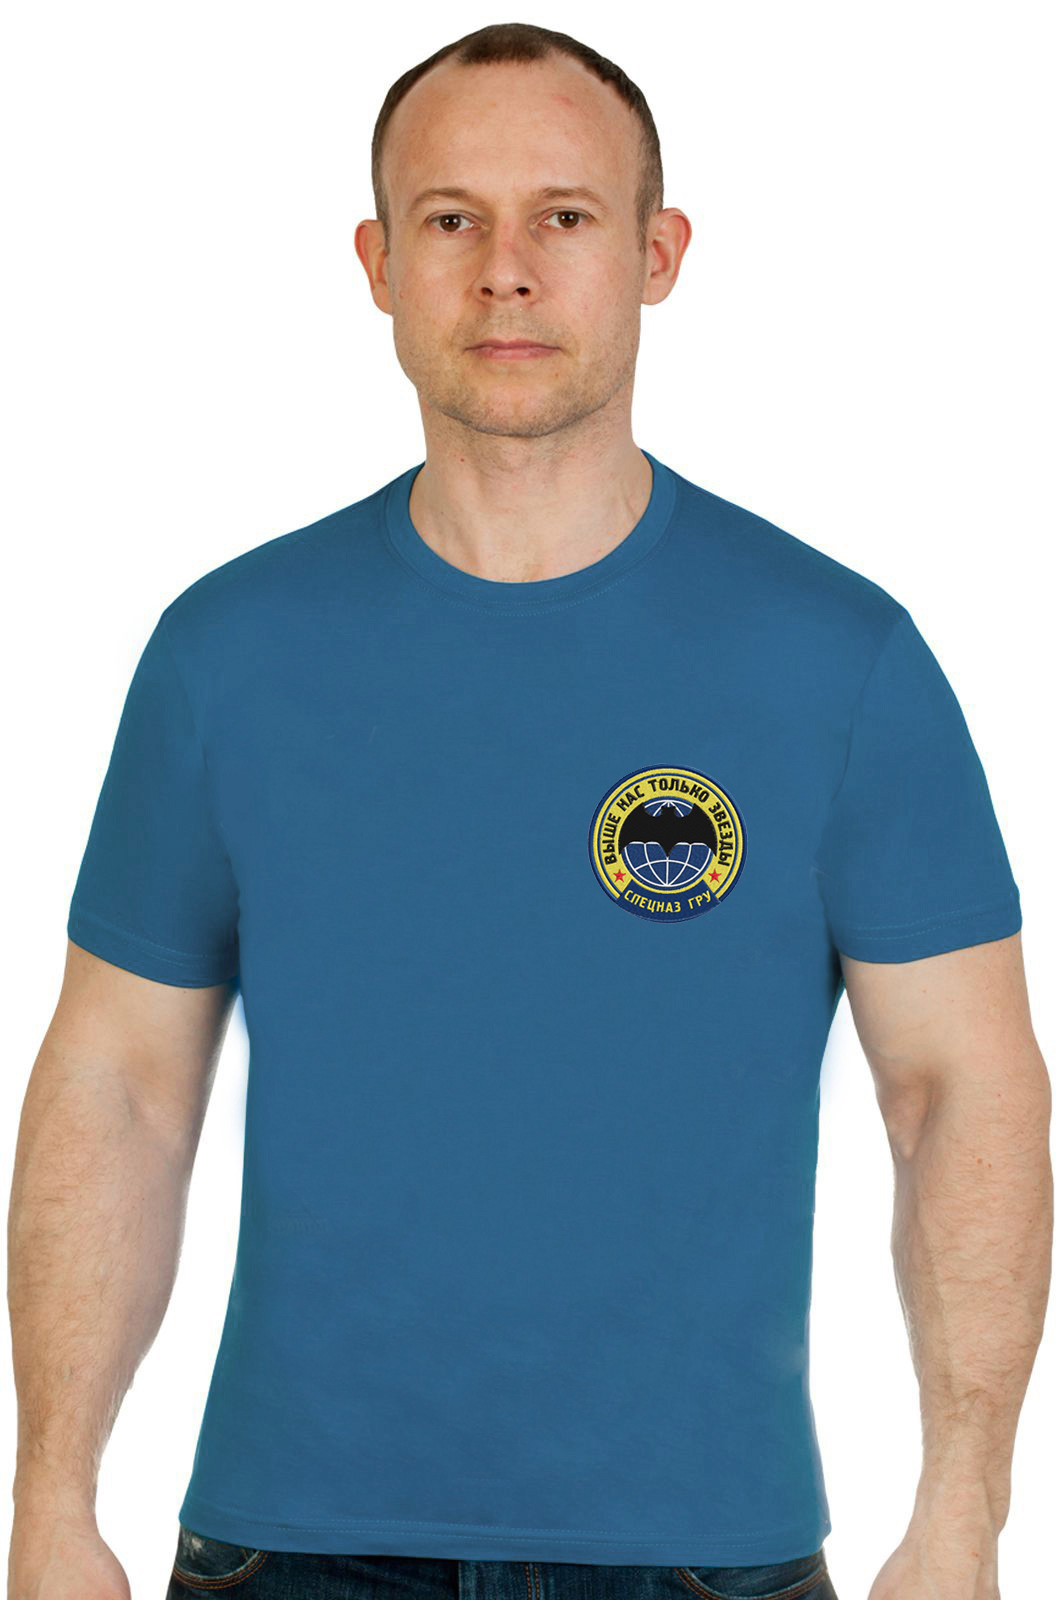 Купить футболку сине-зеленую мужскую с вышивкой СПЕЦНАЗ ГРУ по лучшей цене